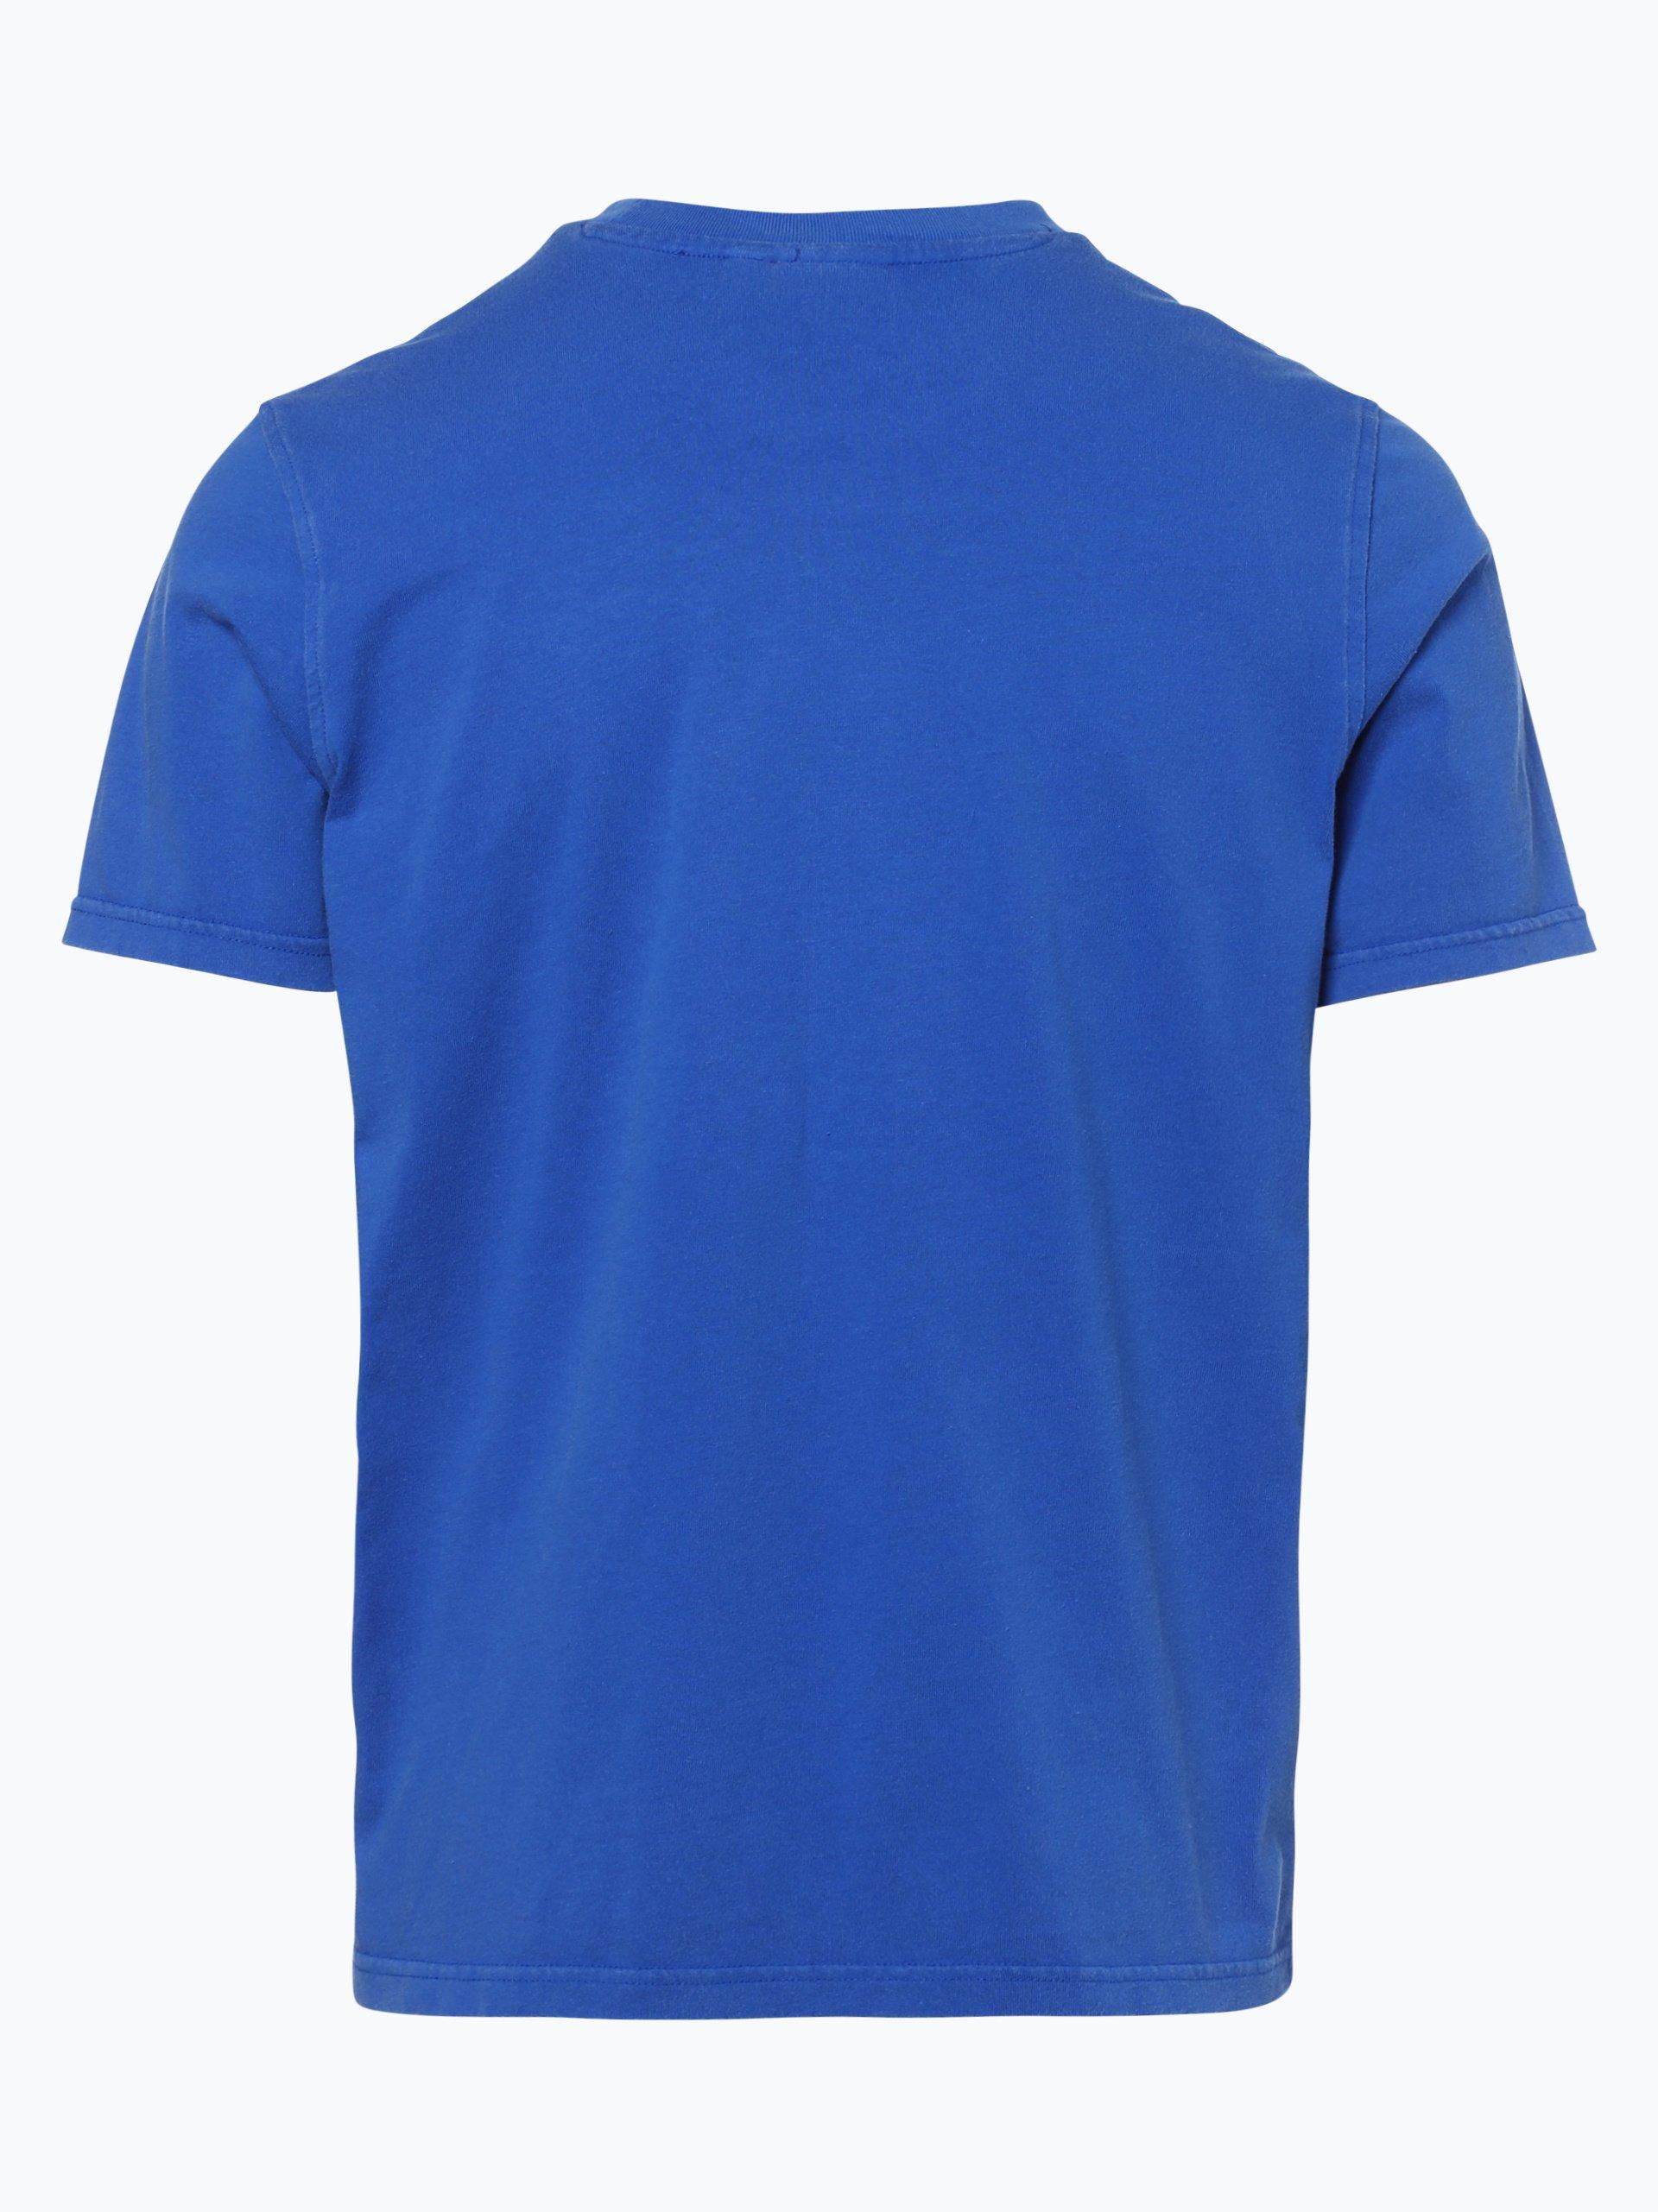 adidas originals herren t shirt blau uni online kaufen. Black Bedroom Furniture Sets. Home Design Ideas